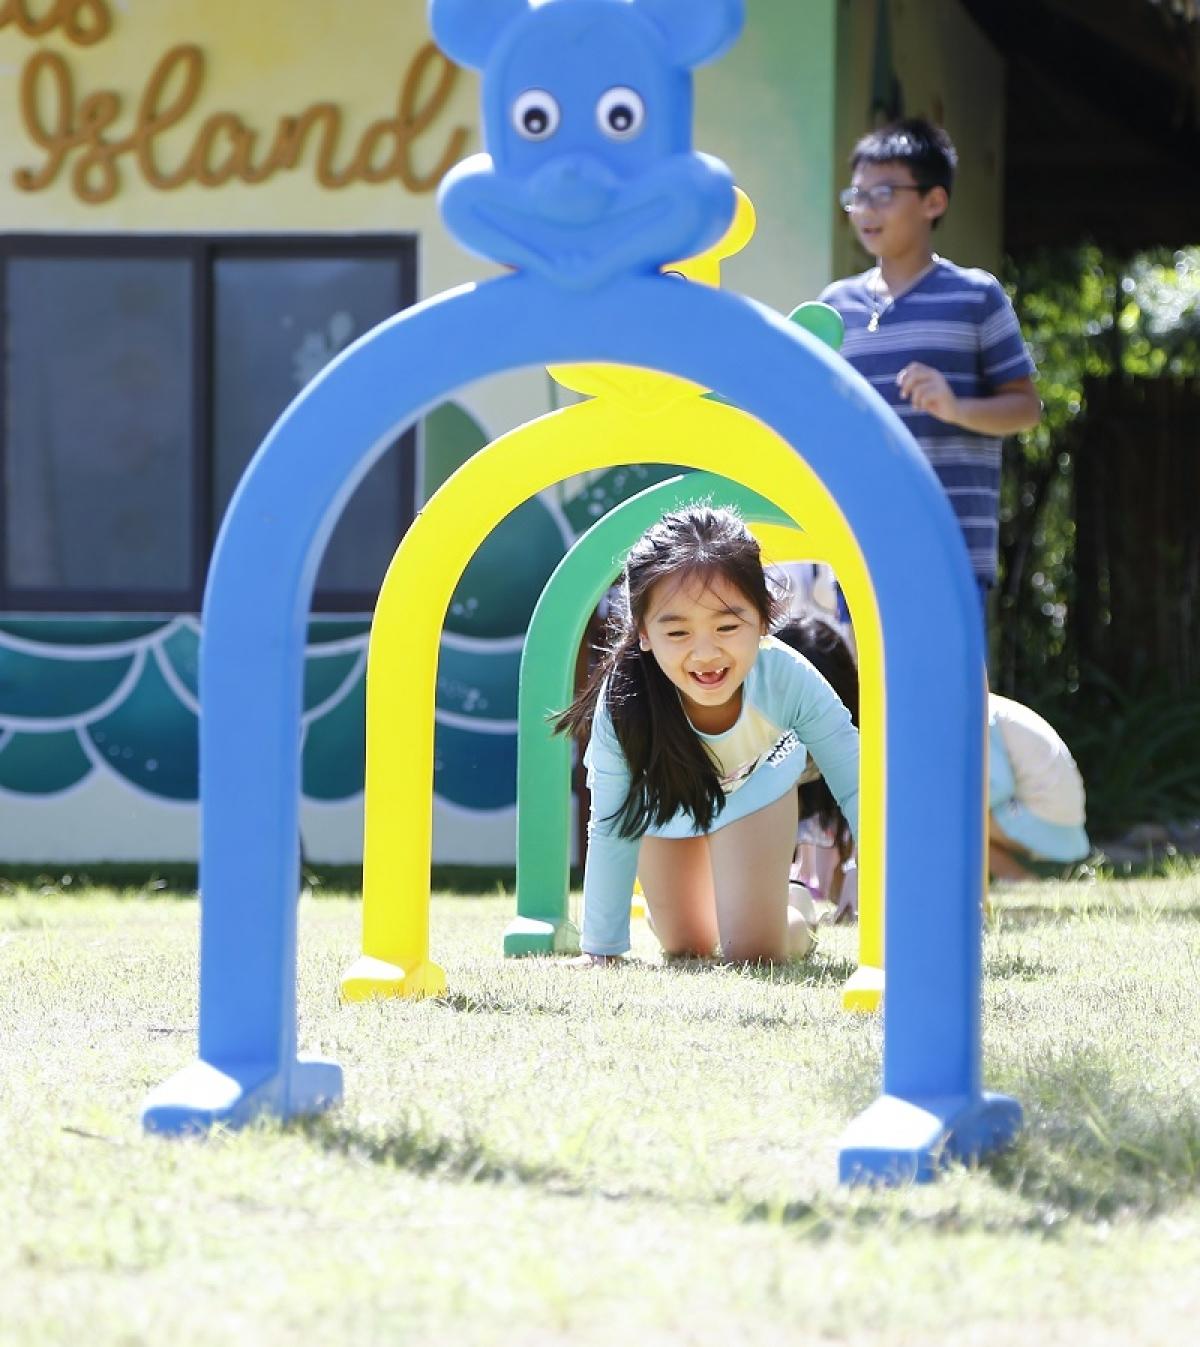 Các bạn nhỏ hào hứng với nhiều hoạt động vui nhộn trên bờ biển tại Riviera.